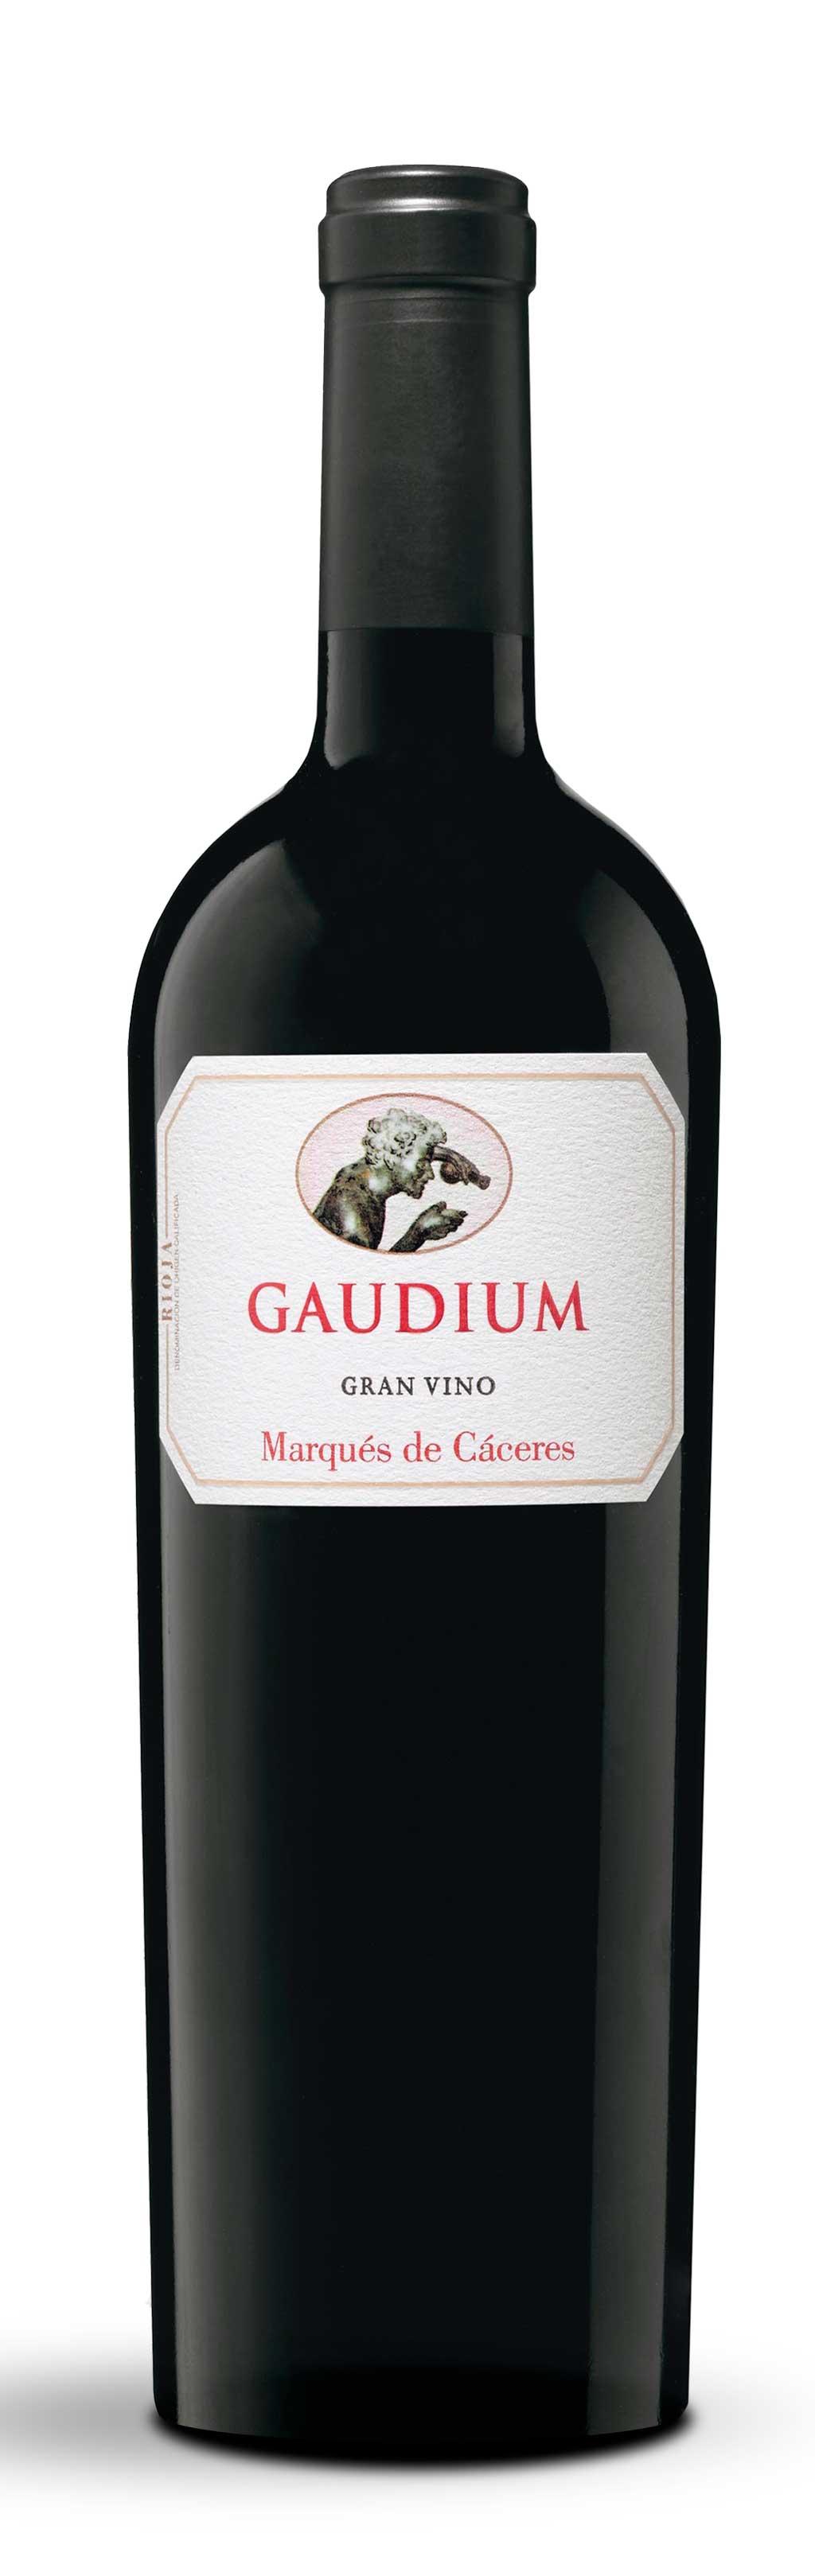 Gaudium Gran Vino ( Bodegas Marqués de Cáceres ) 2005